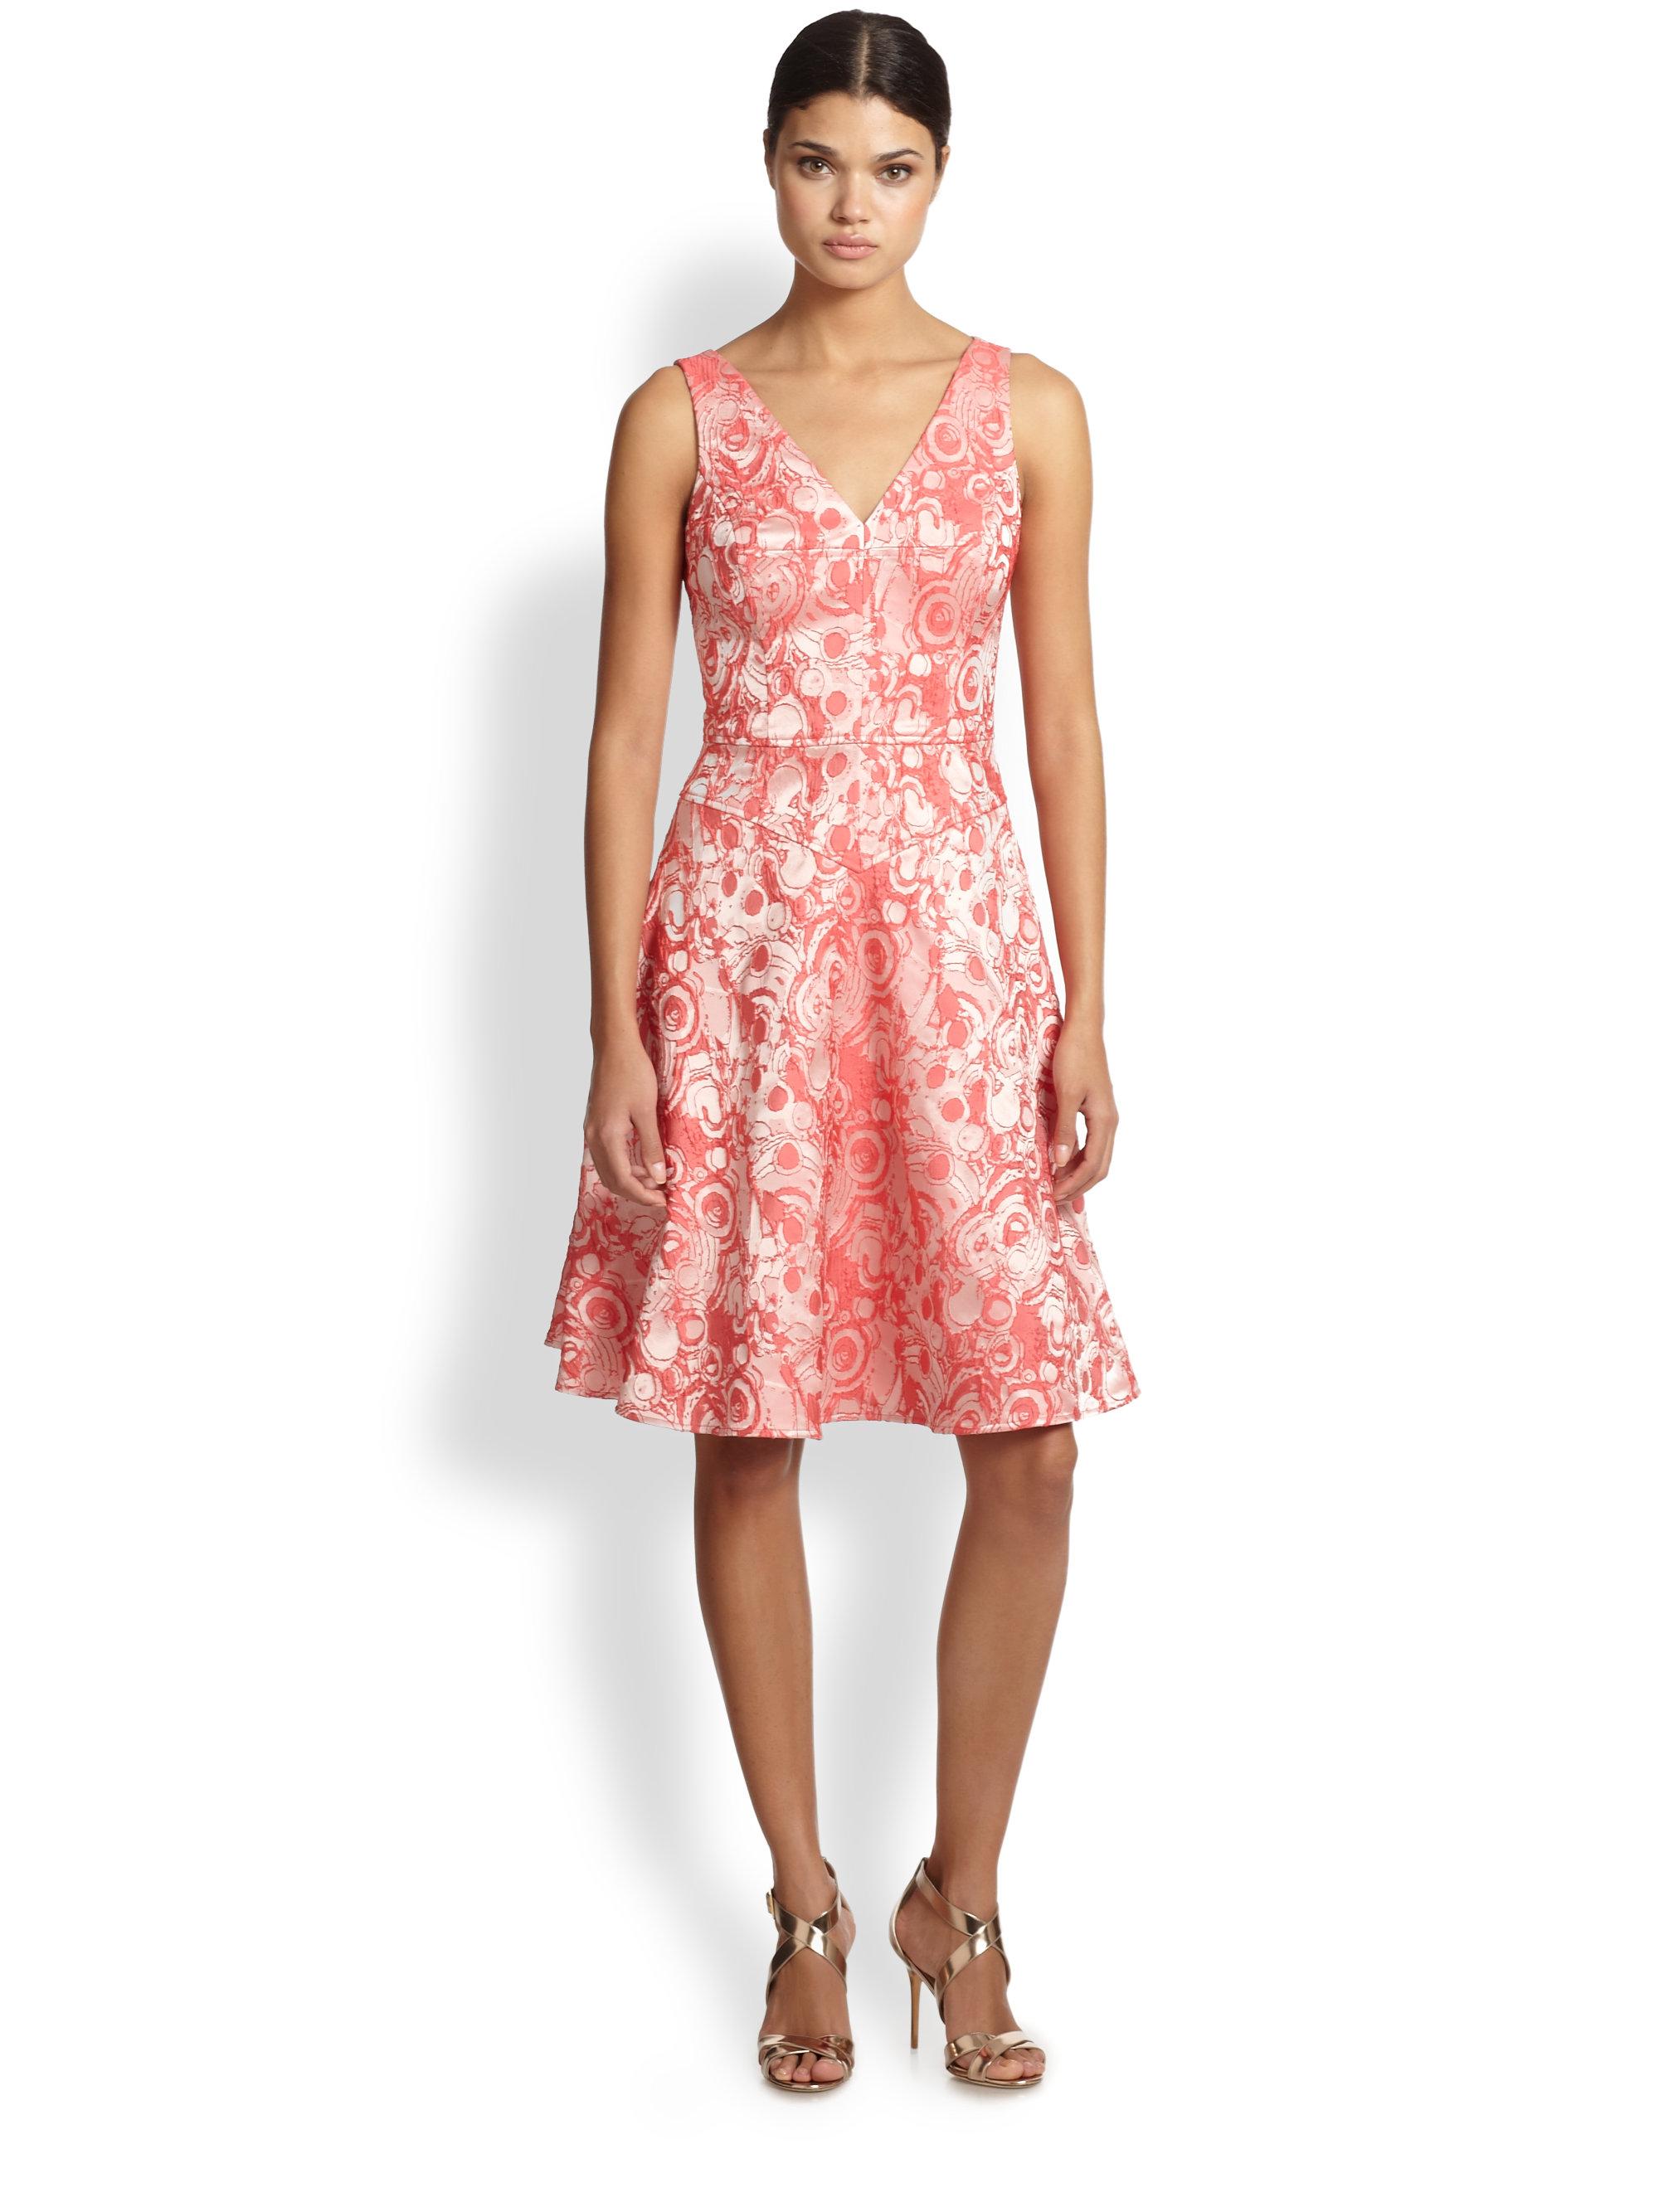 Teri Jon Evening Dresses - Boutique Prom Dresses